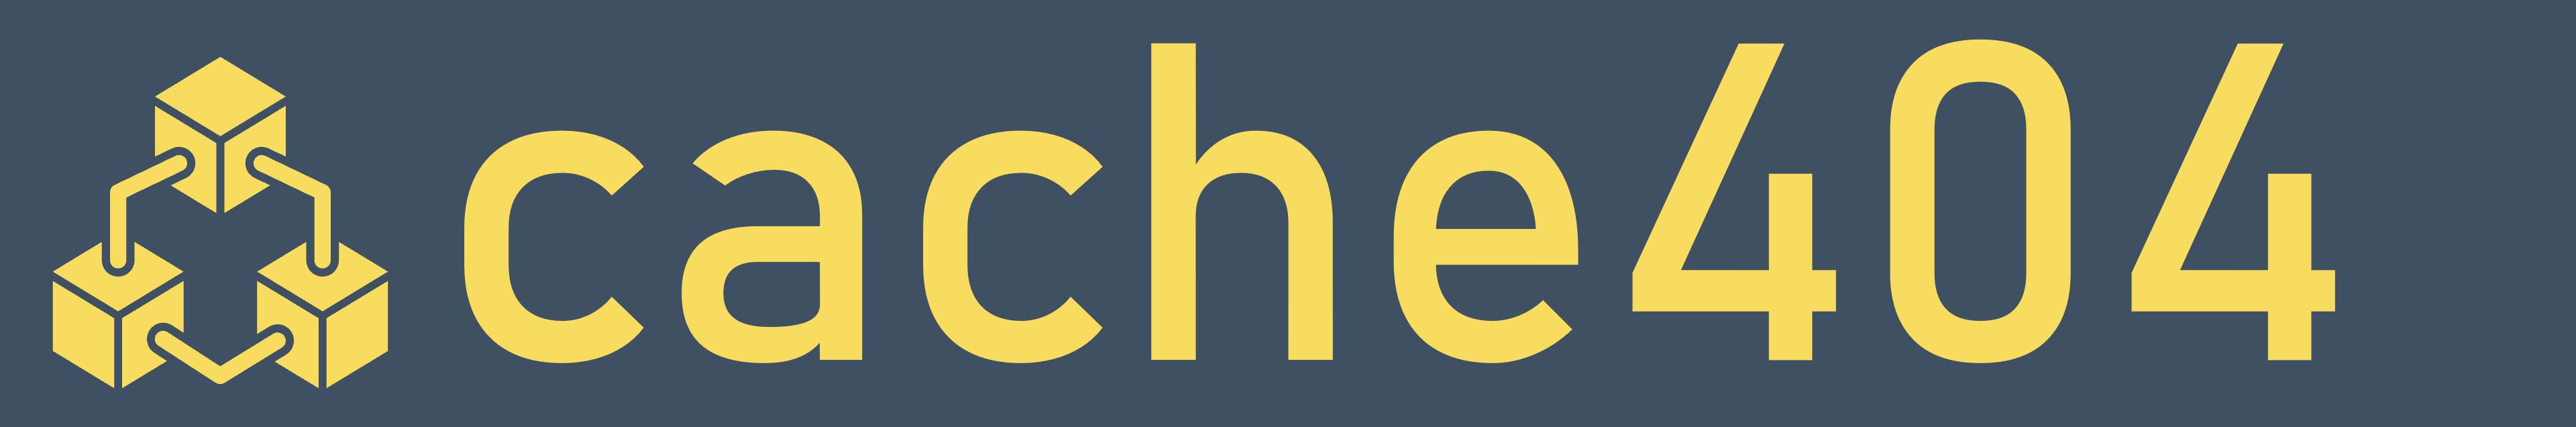 Cache404